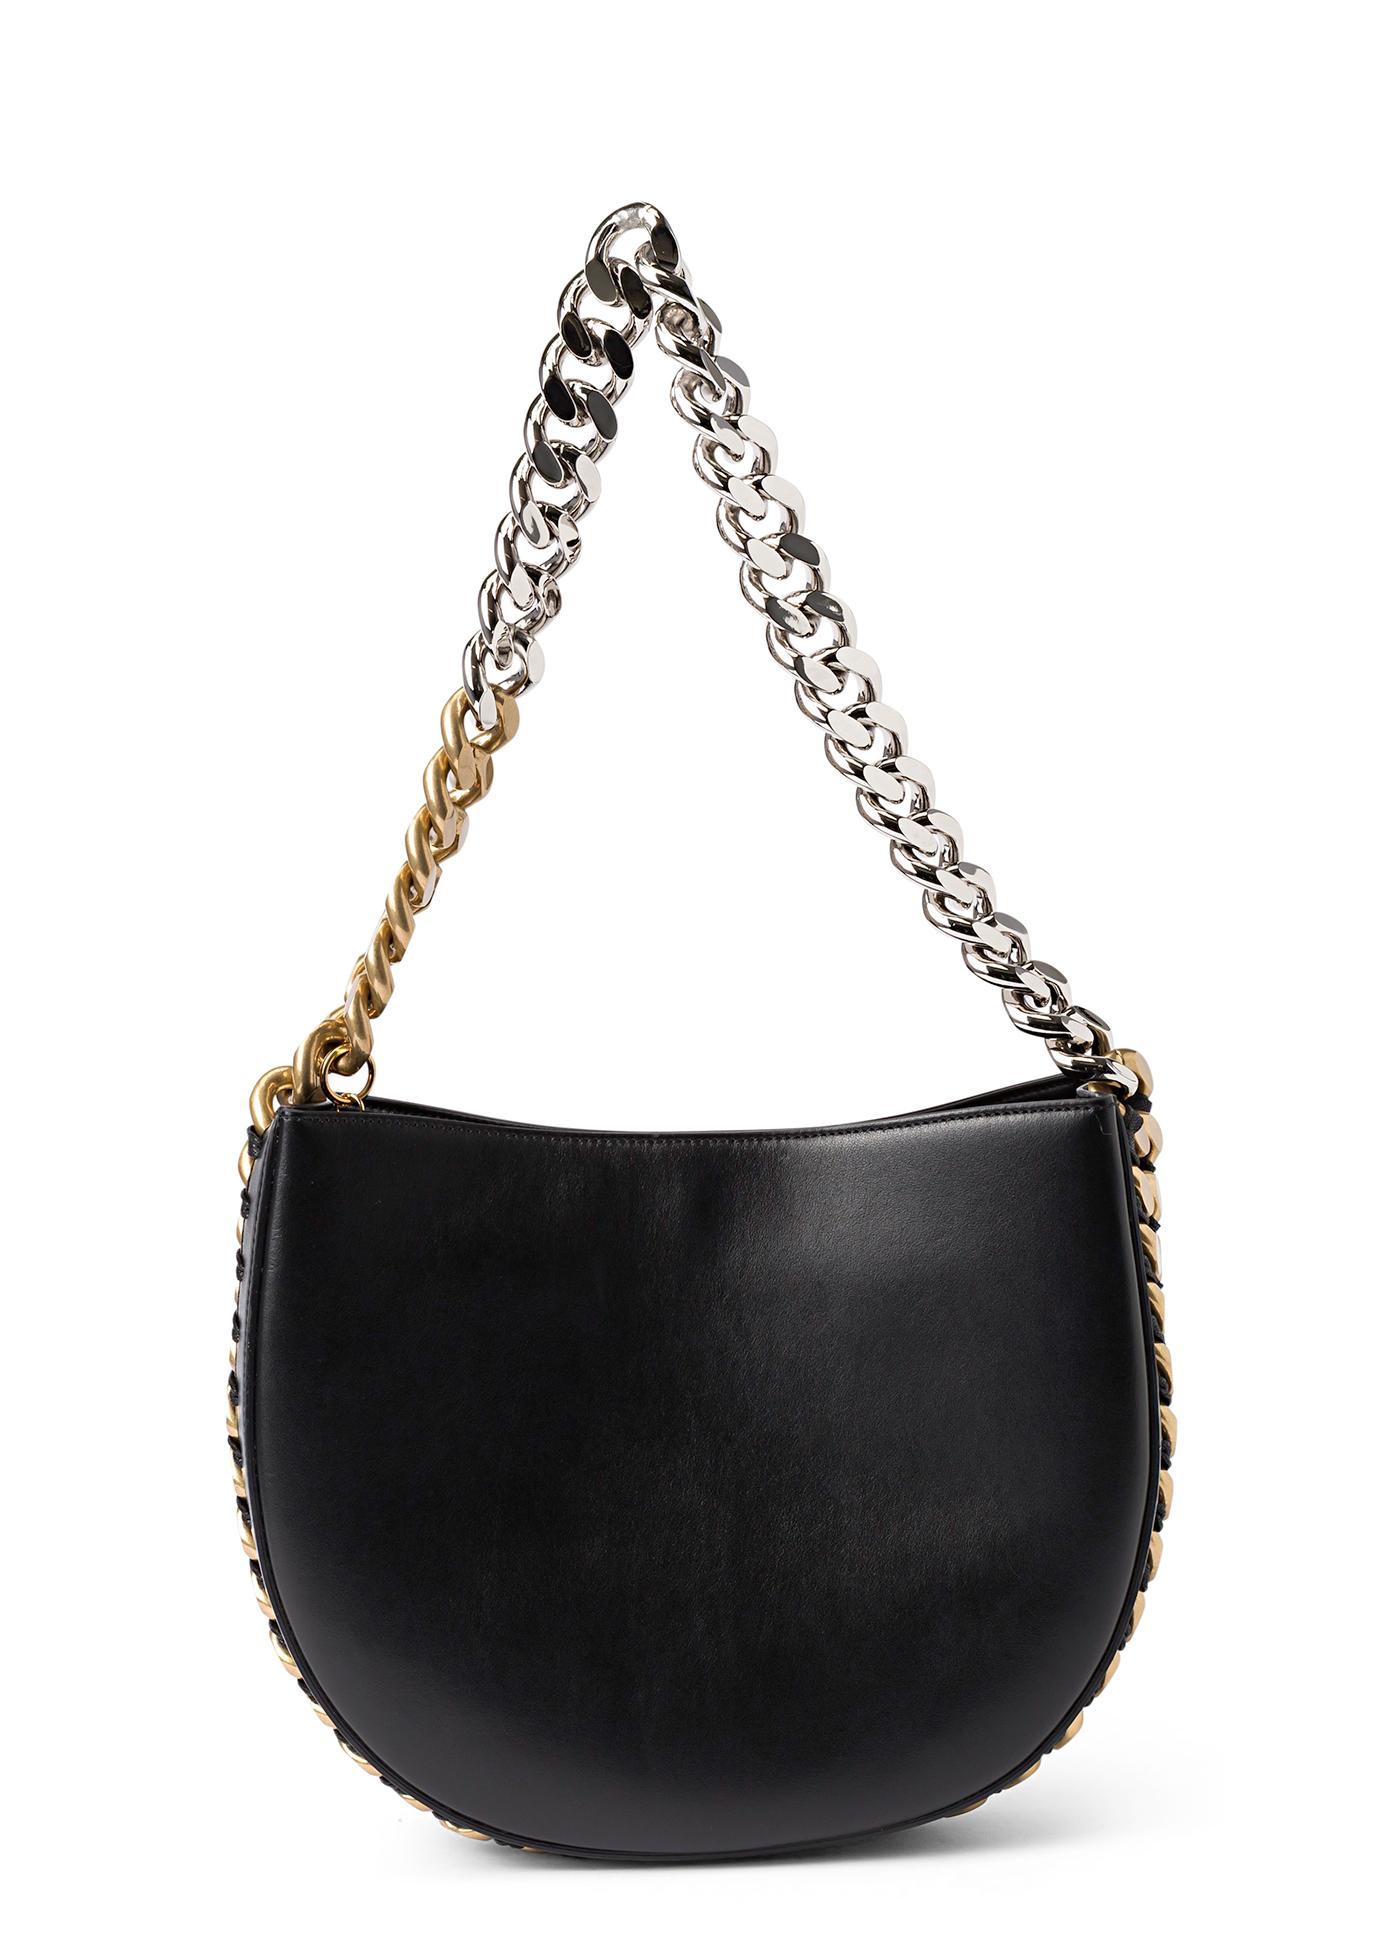 Medium Shoulder Bag Chain Alter Mat image number 0